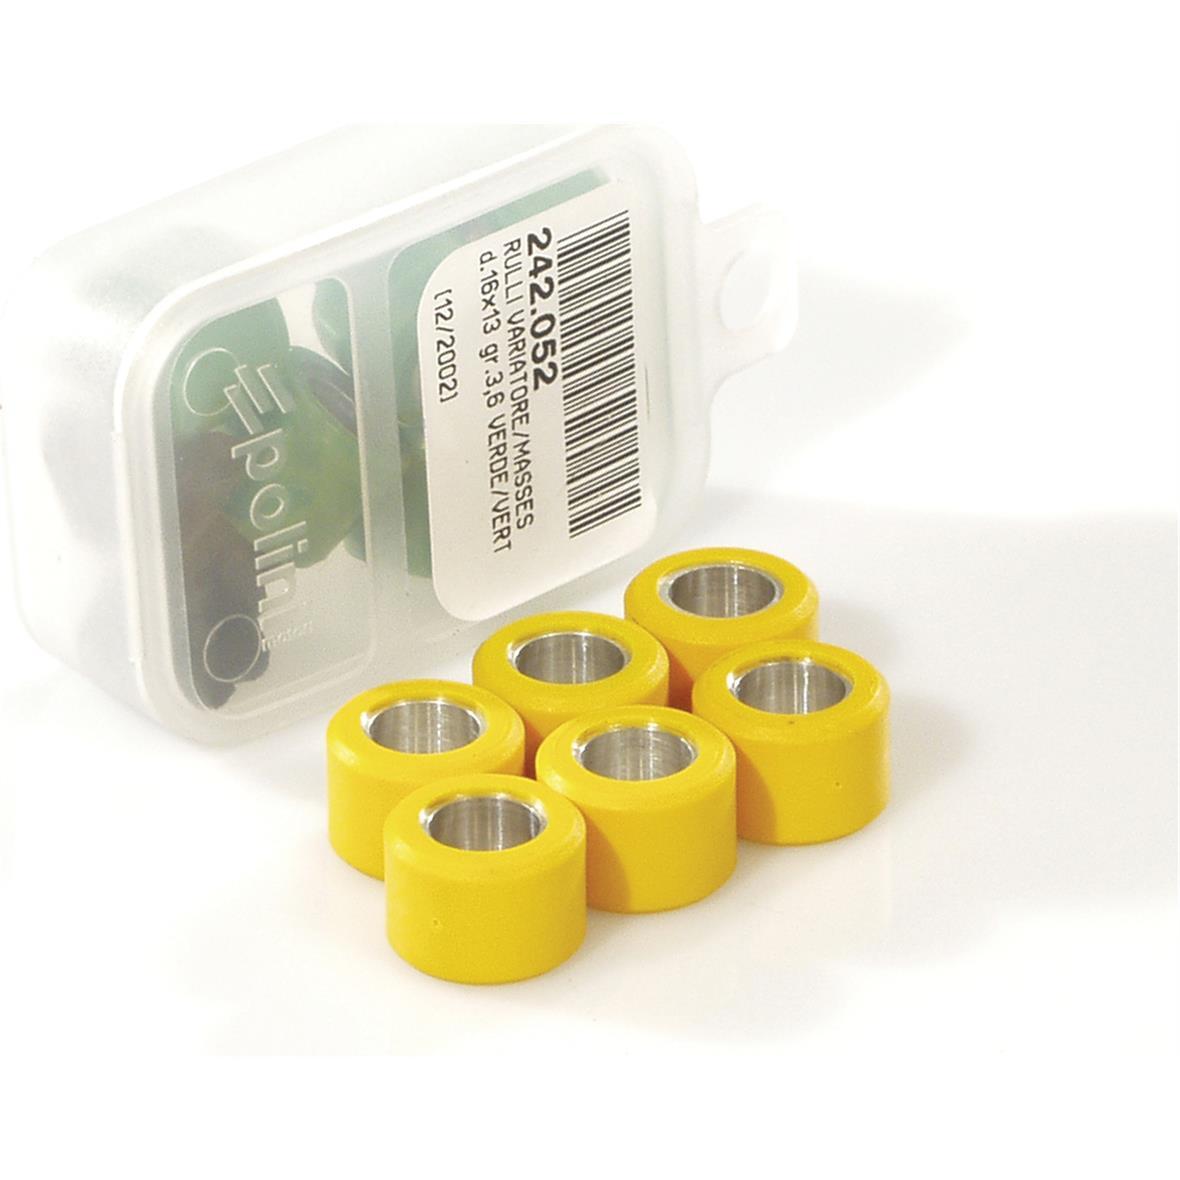 「バリエーター ロール POLINI 15x12 mm 8,8 (グラム)Title」の製品画像